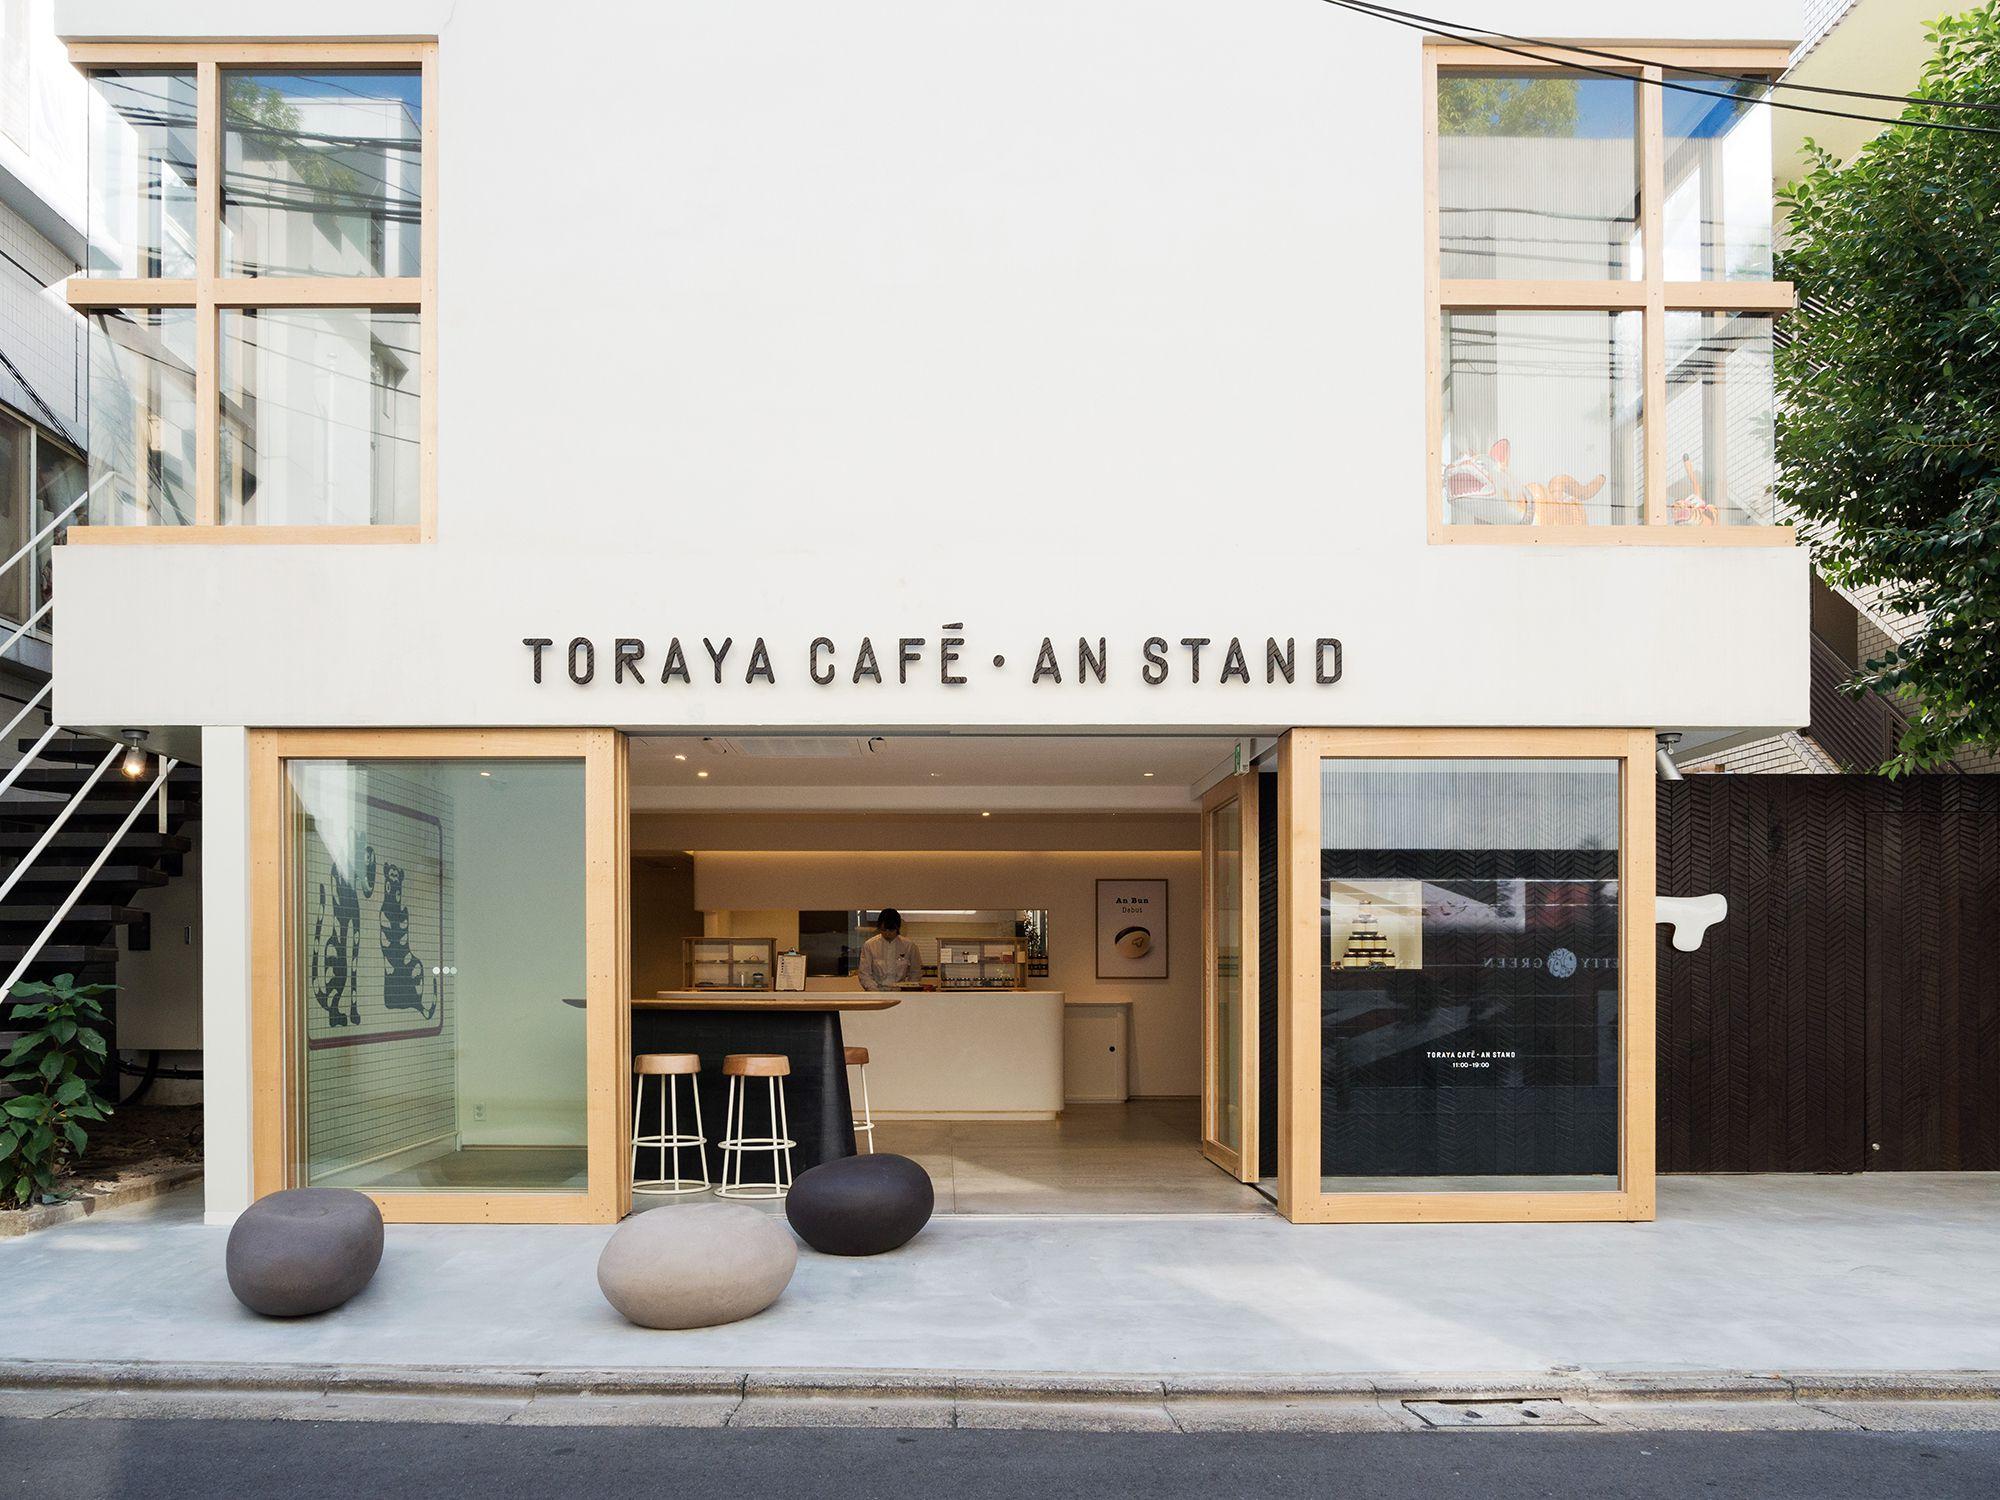 トラヤカフェ・あんスタンド 北青山店